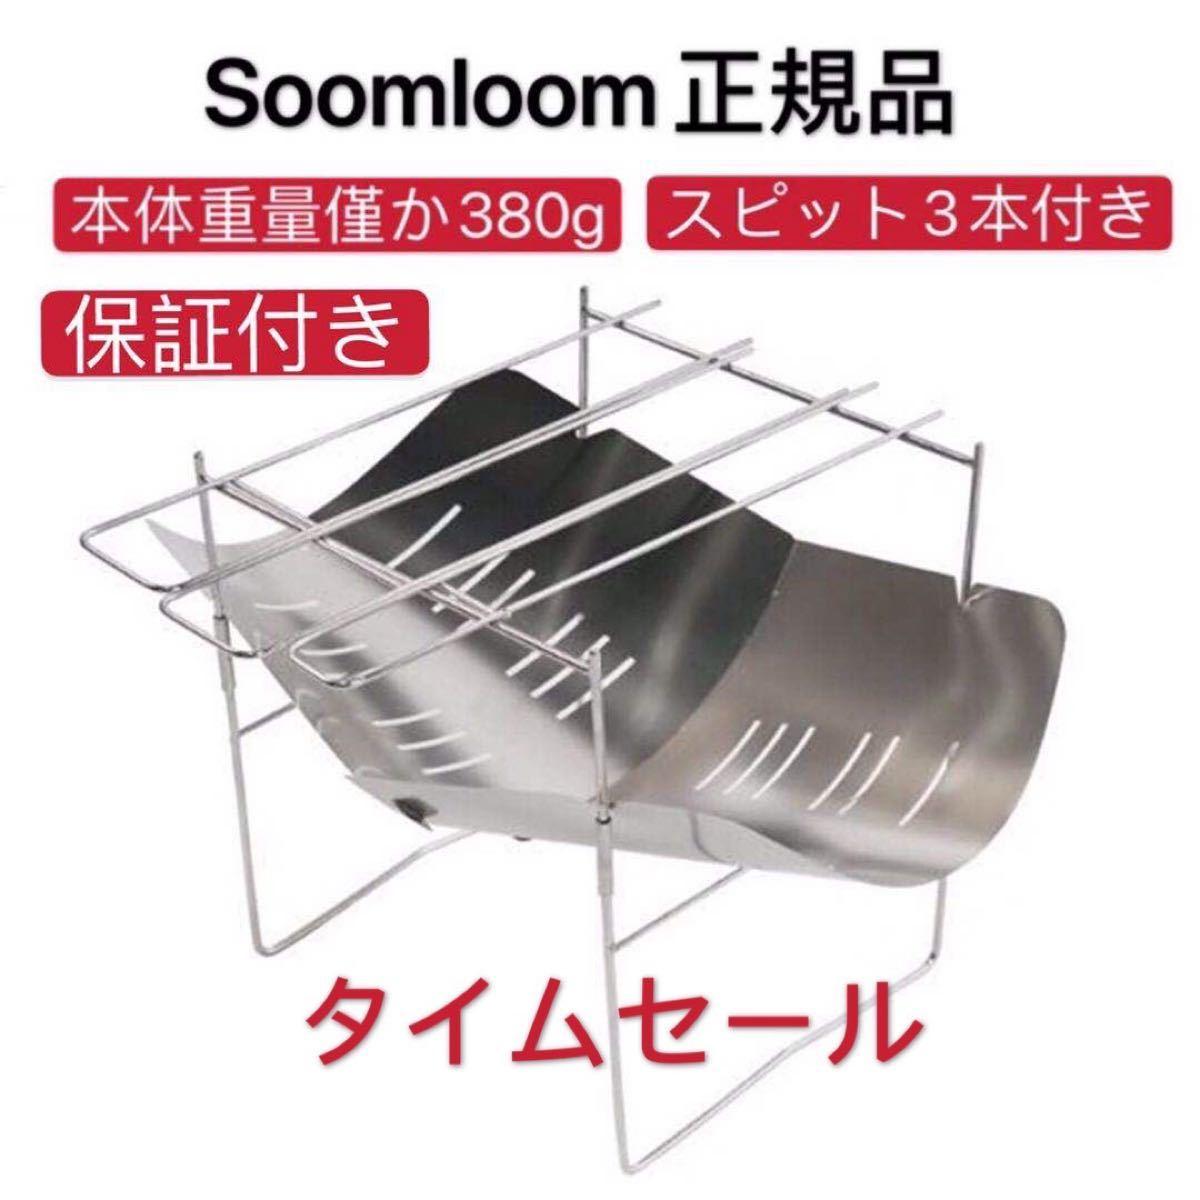 期間限定セール!残り僅か!Soomloom正規品 焚き火台 1年保証付